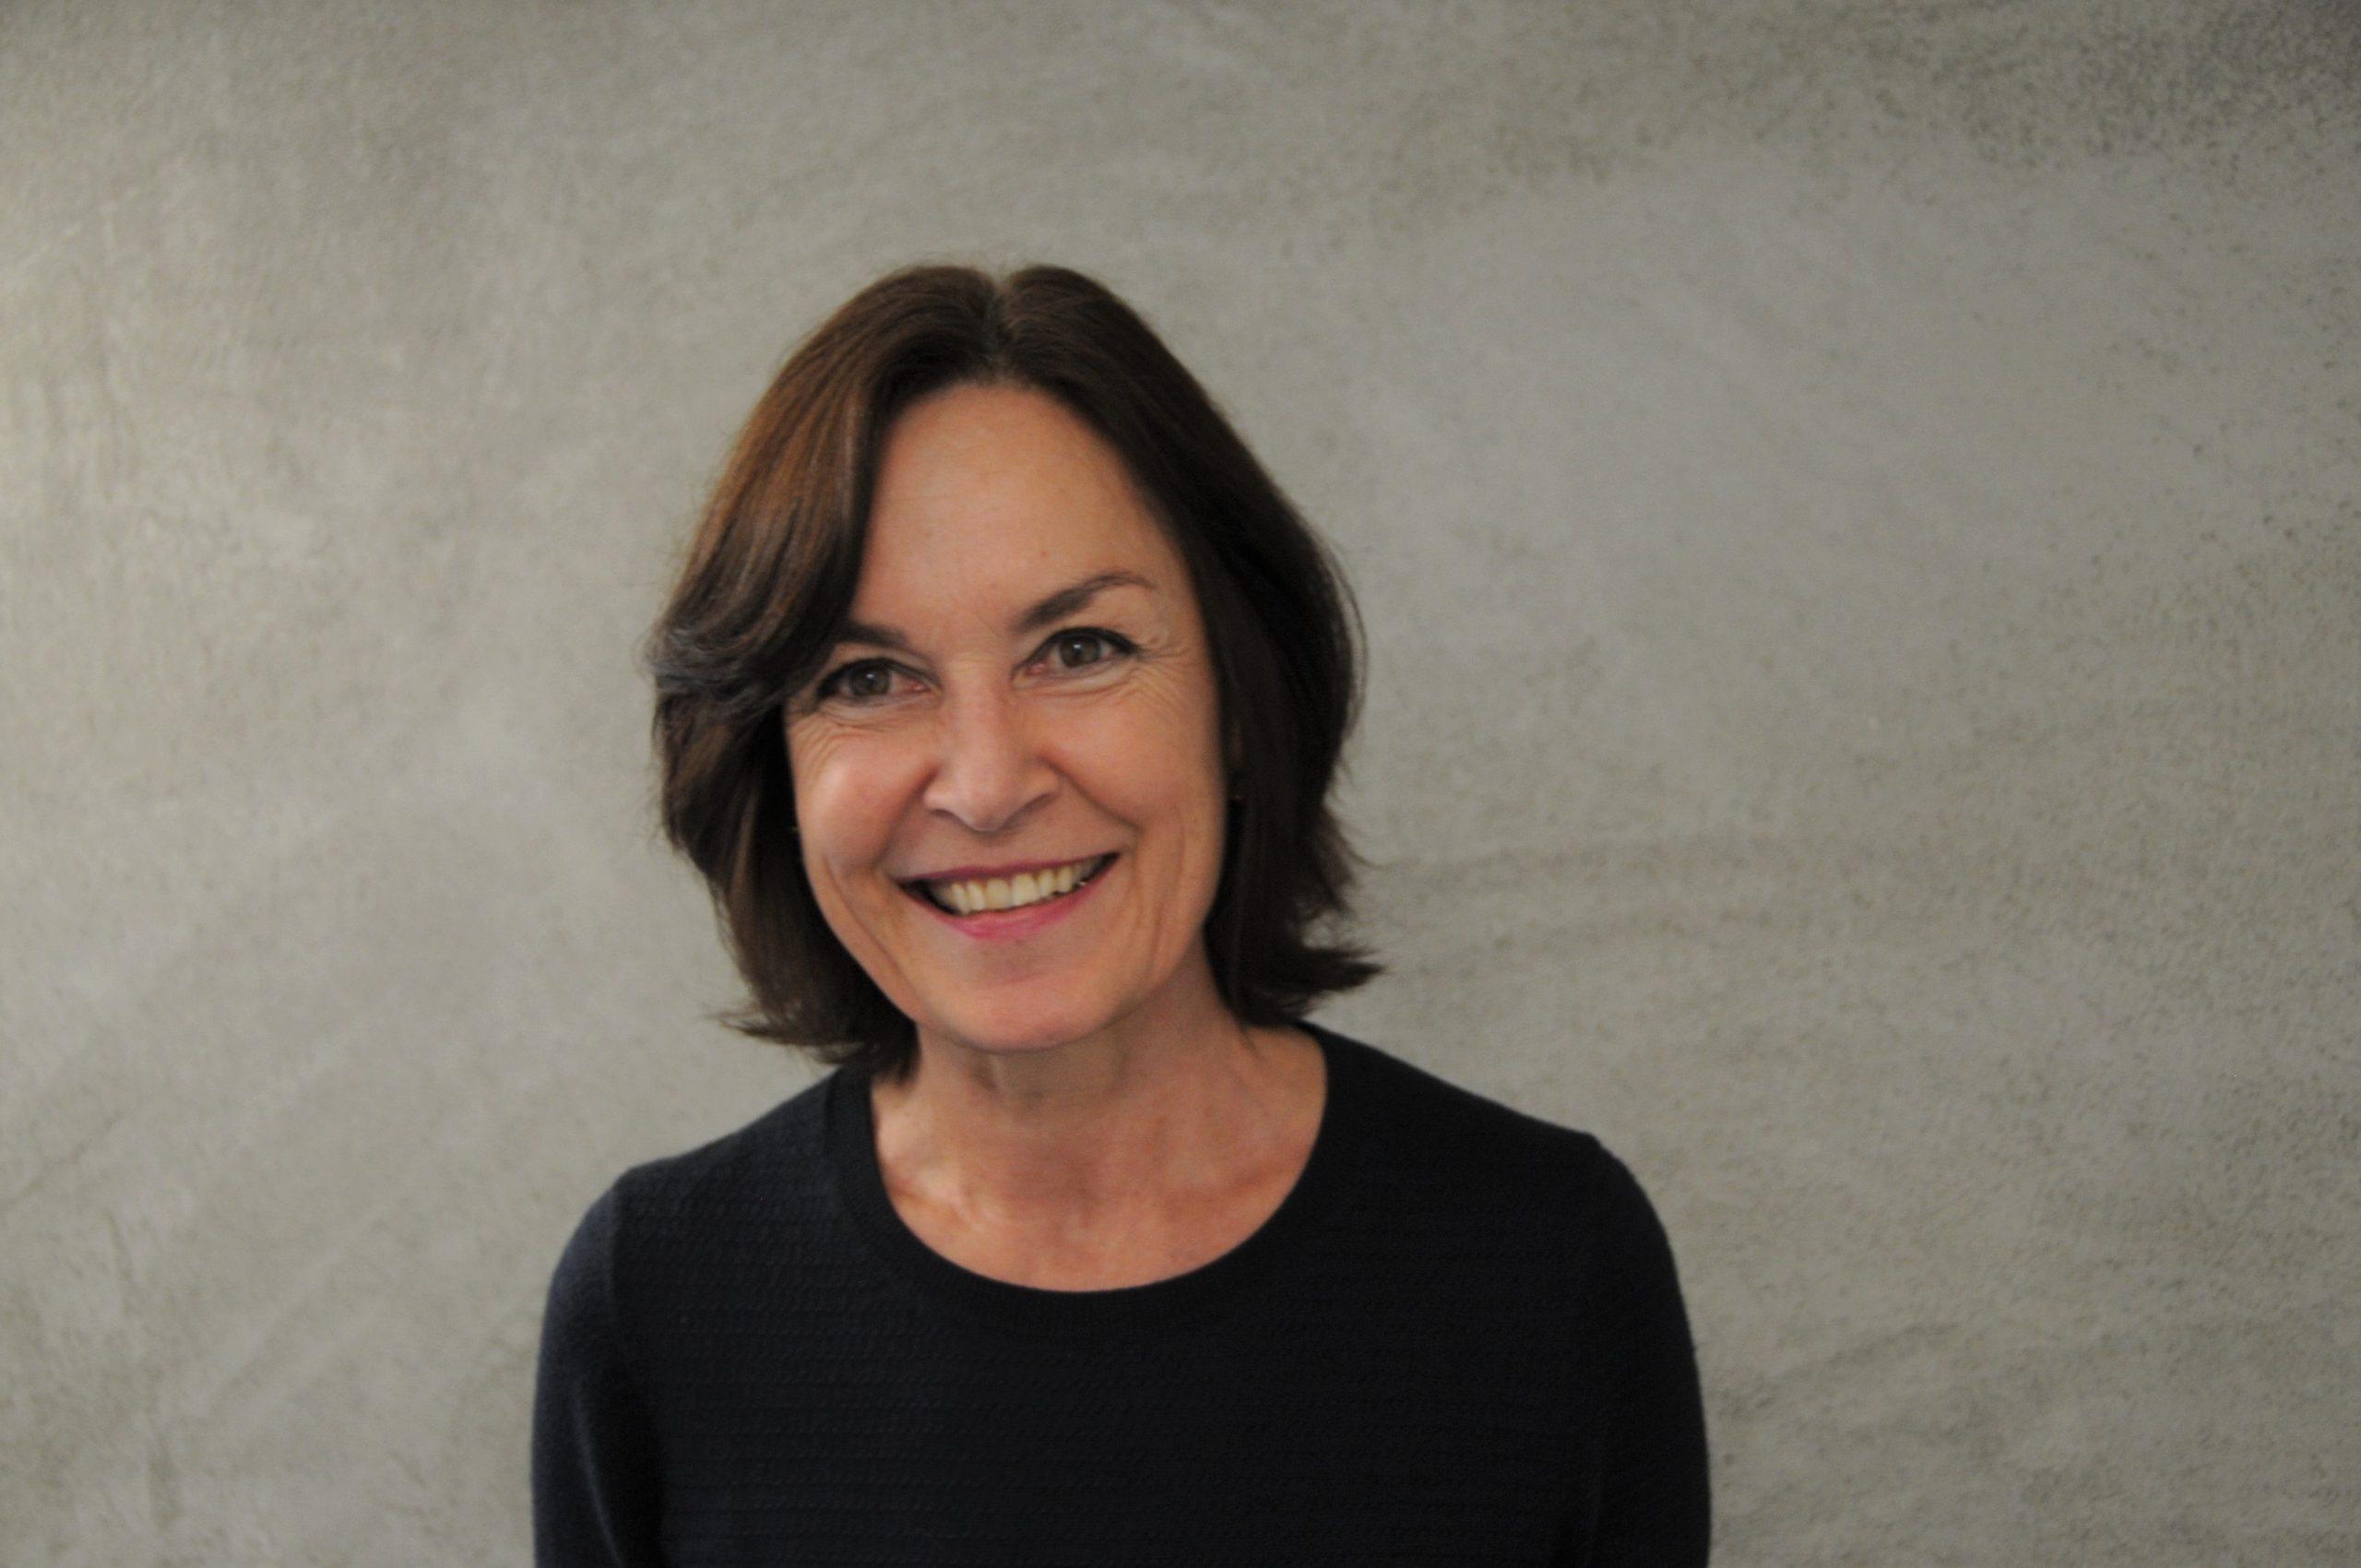 Helga Kessler-Kommunikation-Placebowirkung-Forschung-ZHAW-IAM